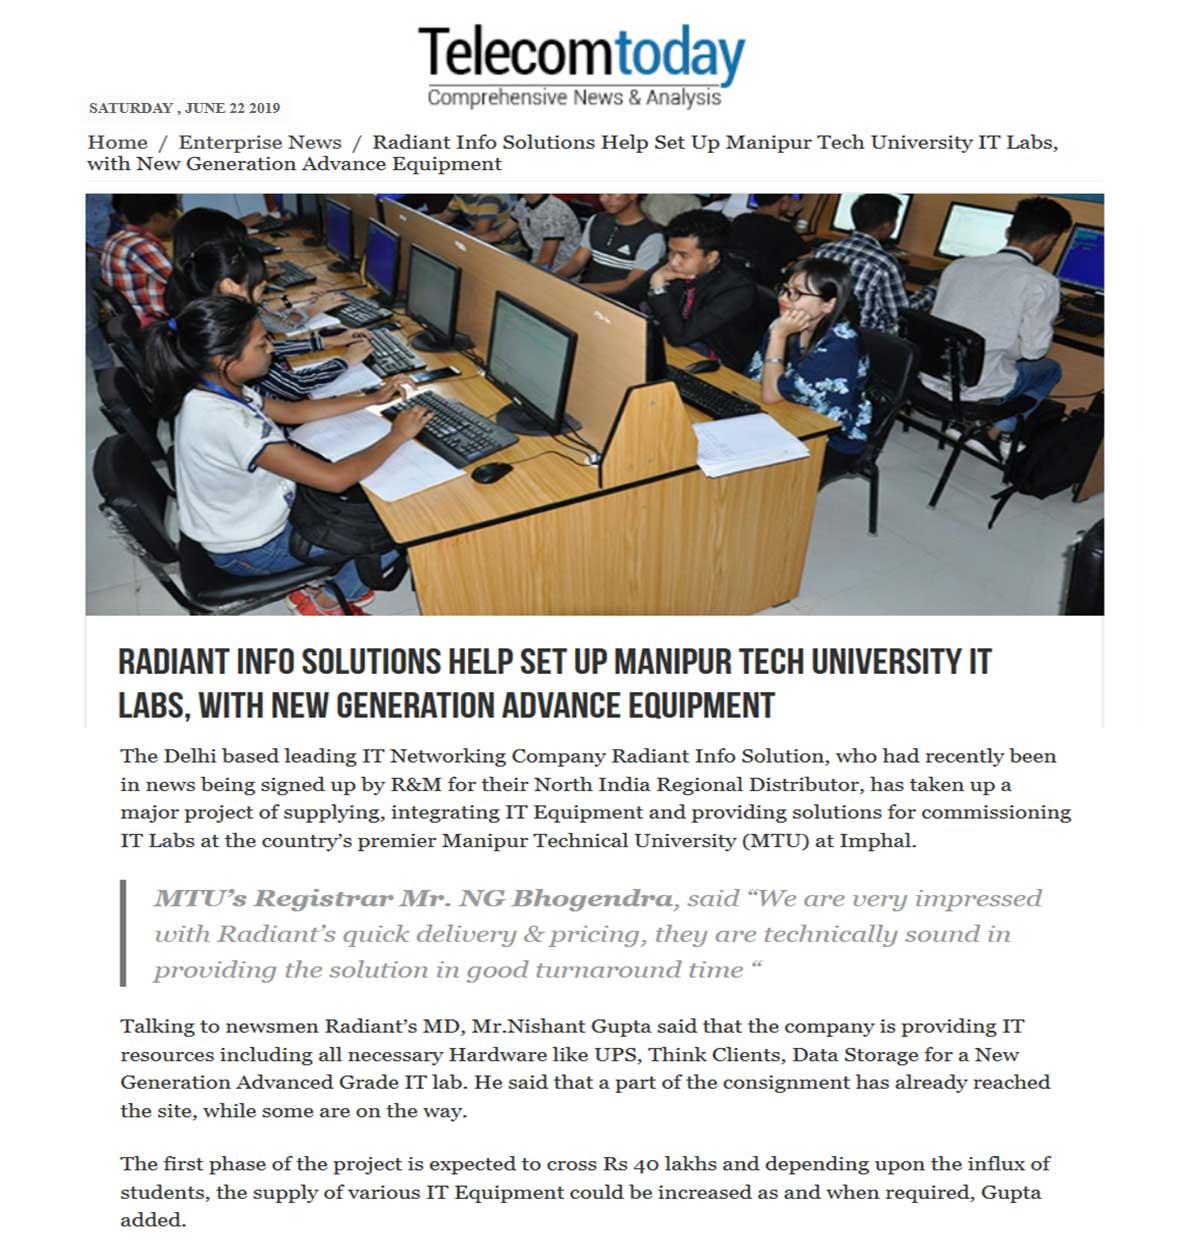 Telecom Today